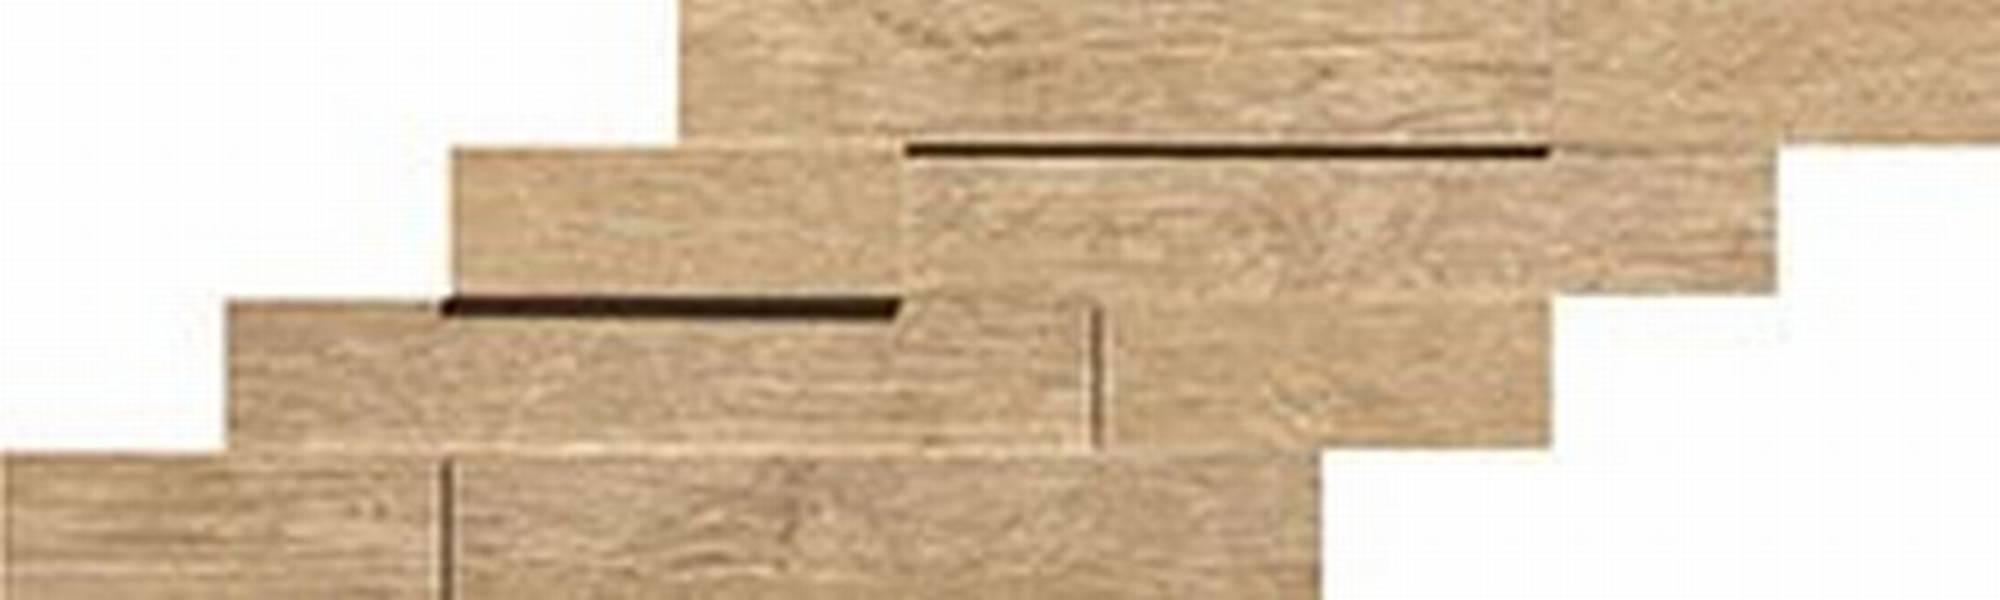 ATLAS CONCORDE AXI tegelmat brick 3d 20 x 44 cm. doos a 4 stuks GOLDEN OAK (AMWB)